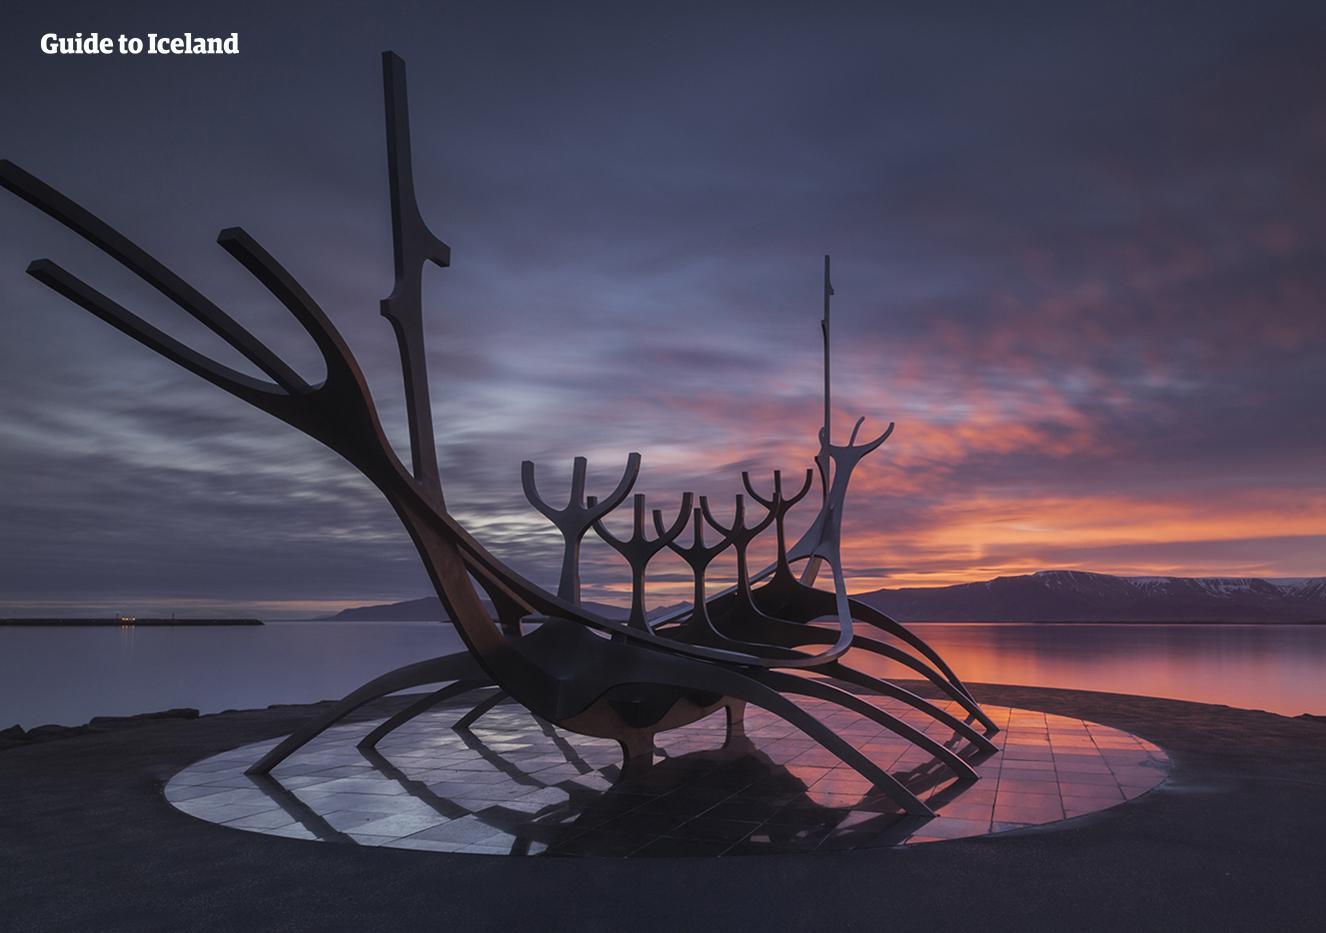 太阳航海者雕塑(Sólfar)是雷克雅未克著名地标